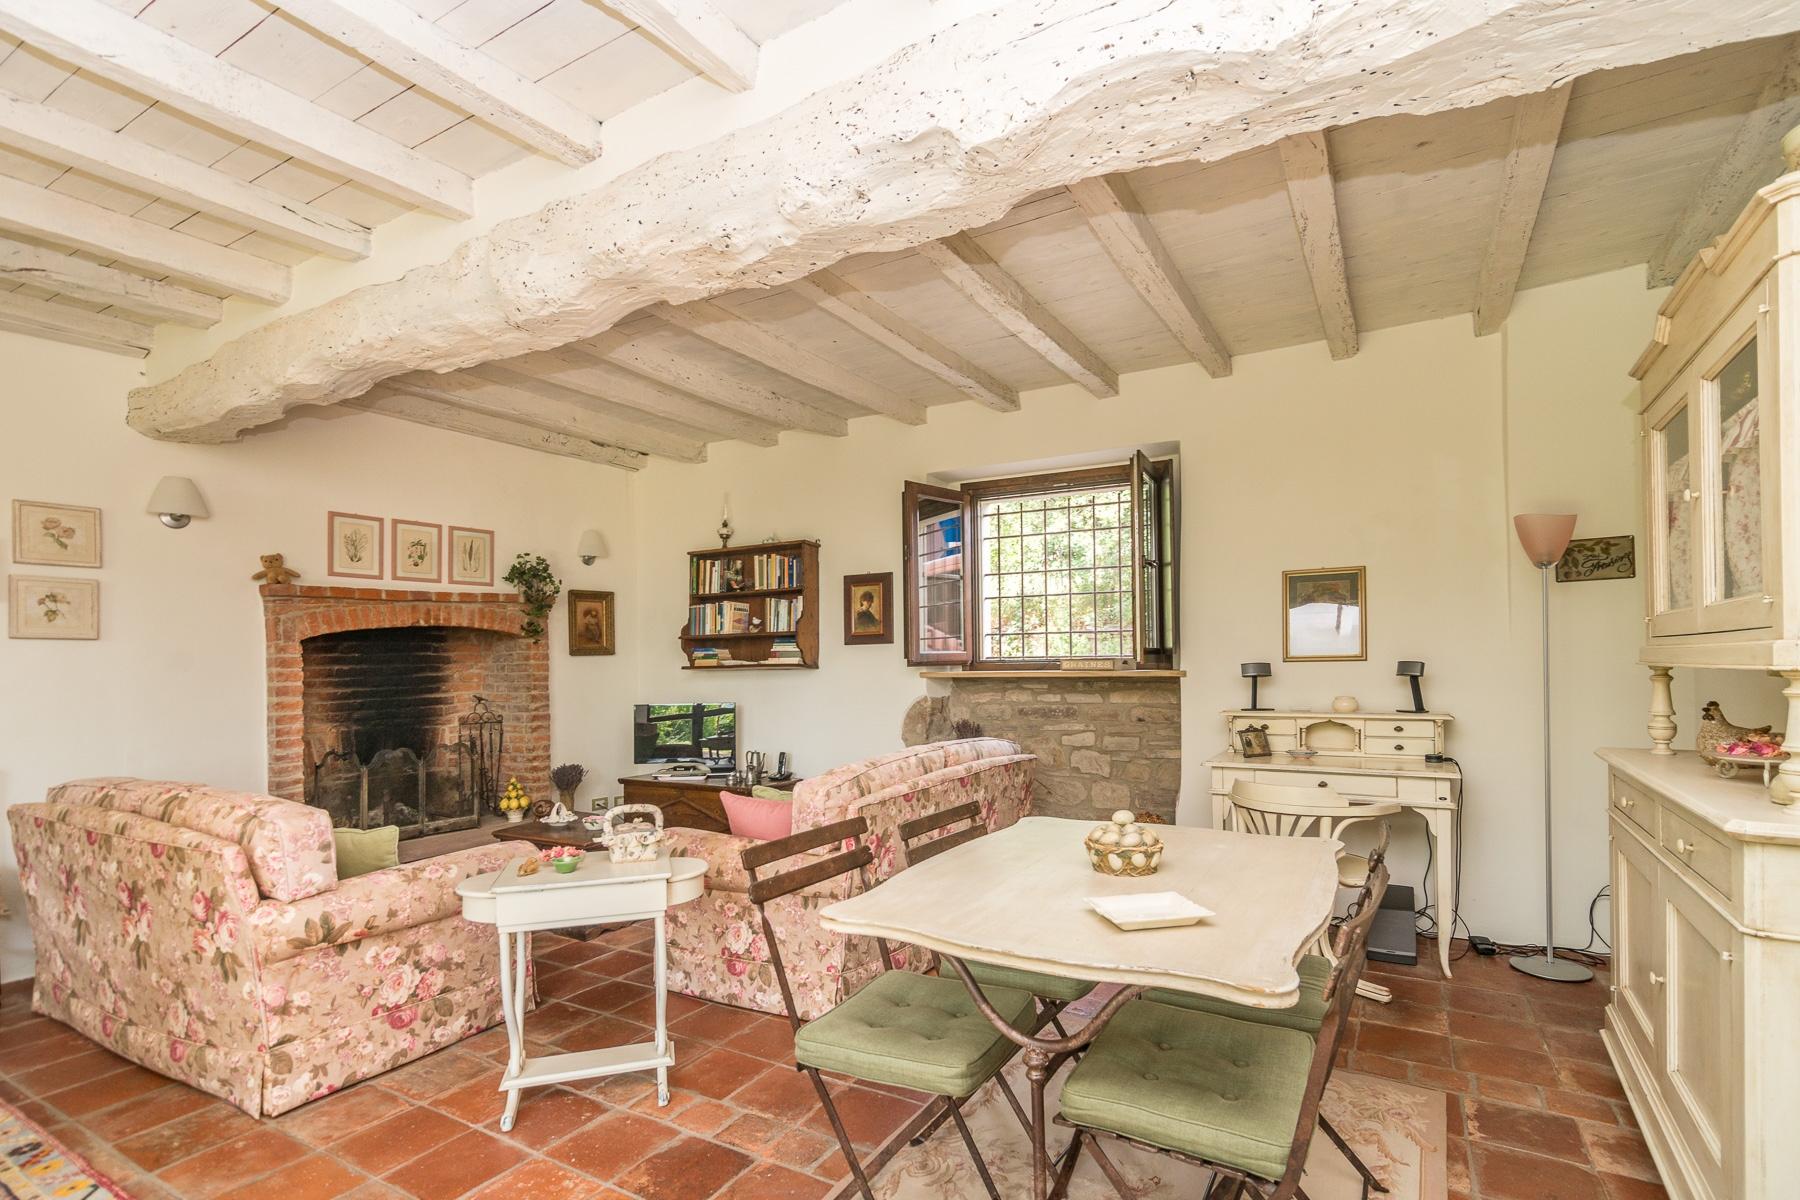 Casa indipendente in Vendita a Ziano Piacentino: 5 locali, 260 mq - Foto 12